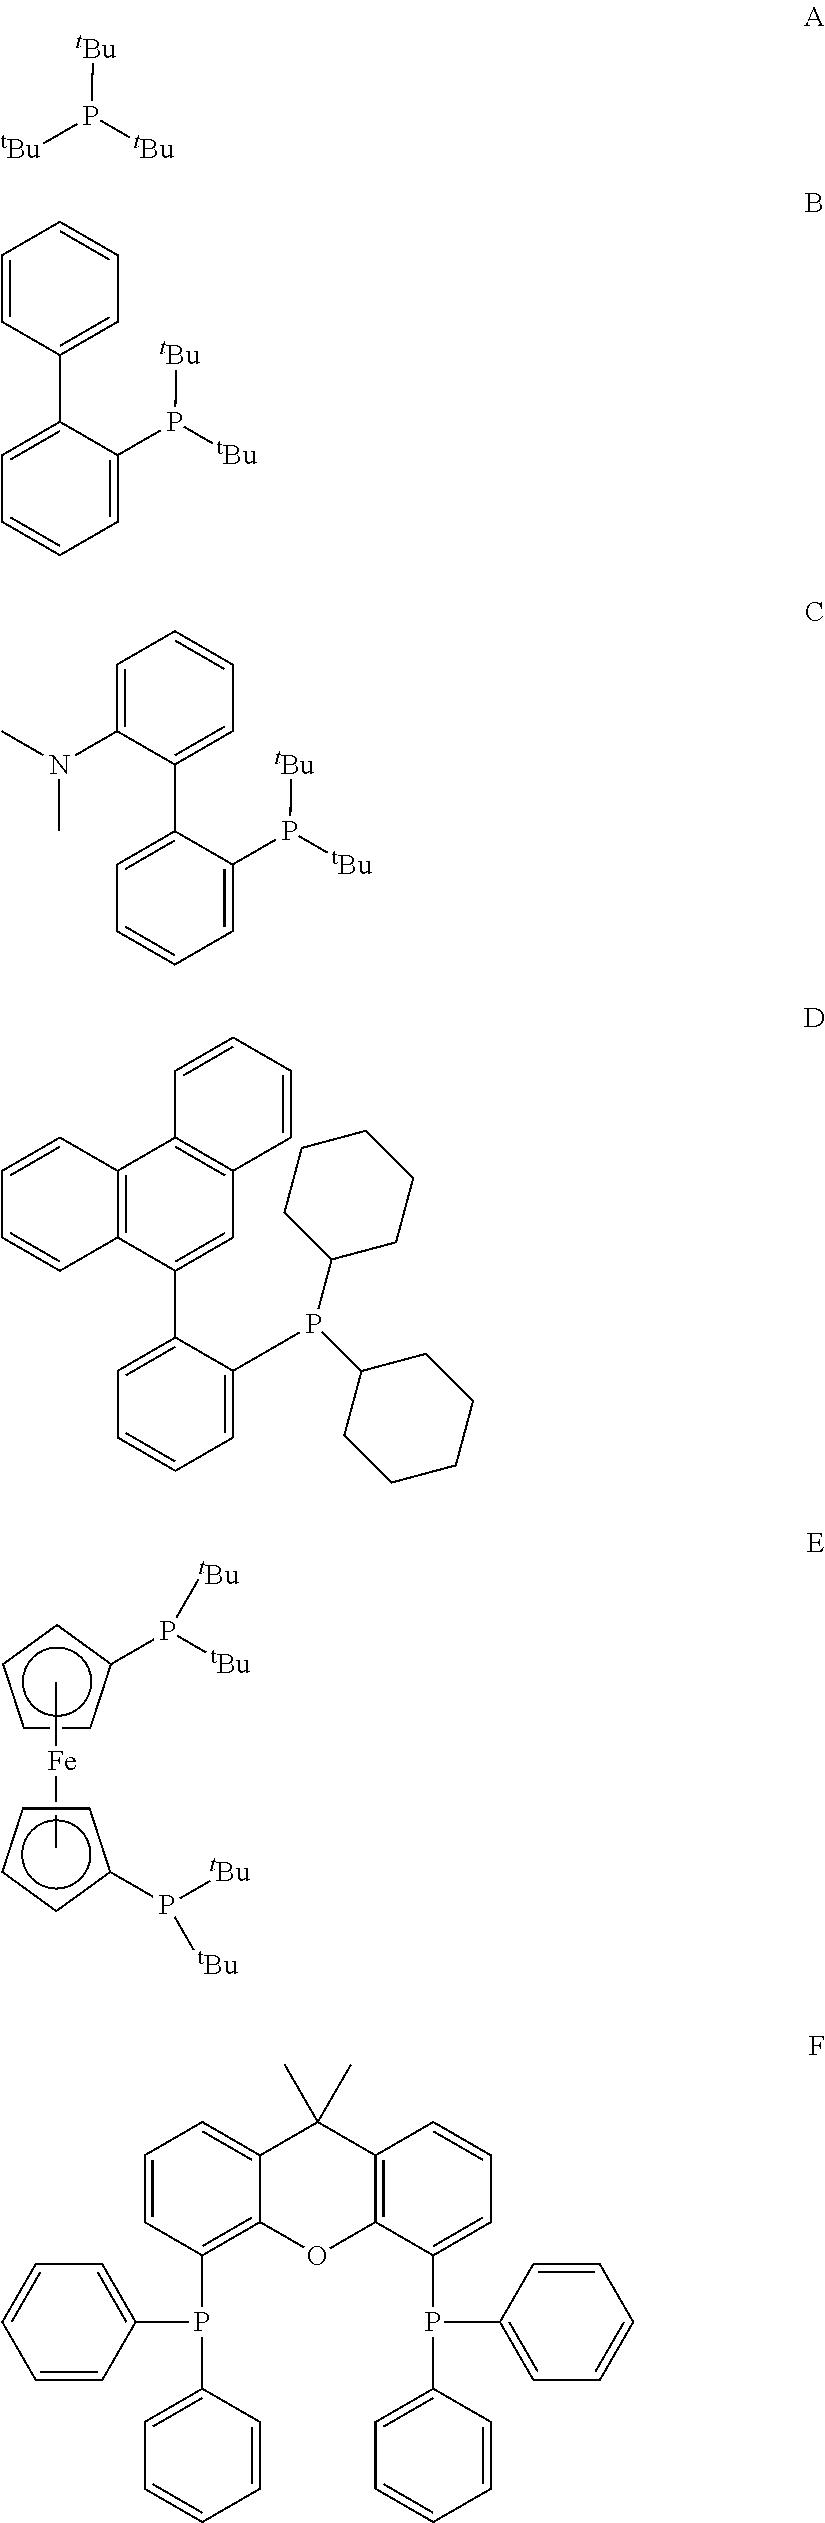 Figure US07709670-20100504-C00018